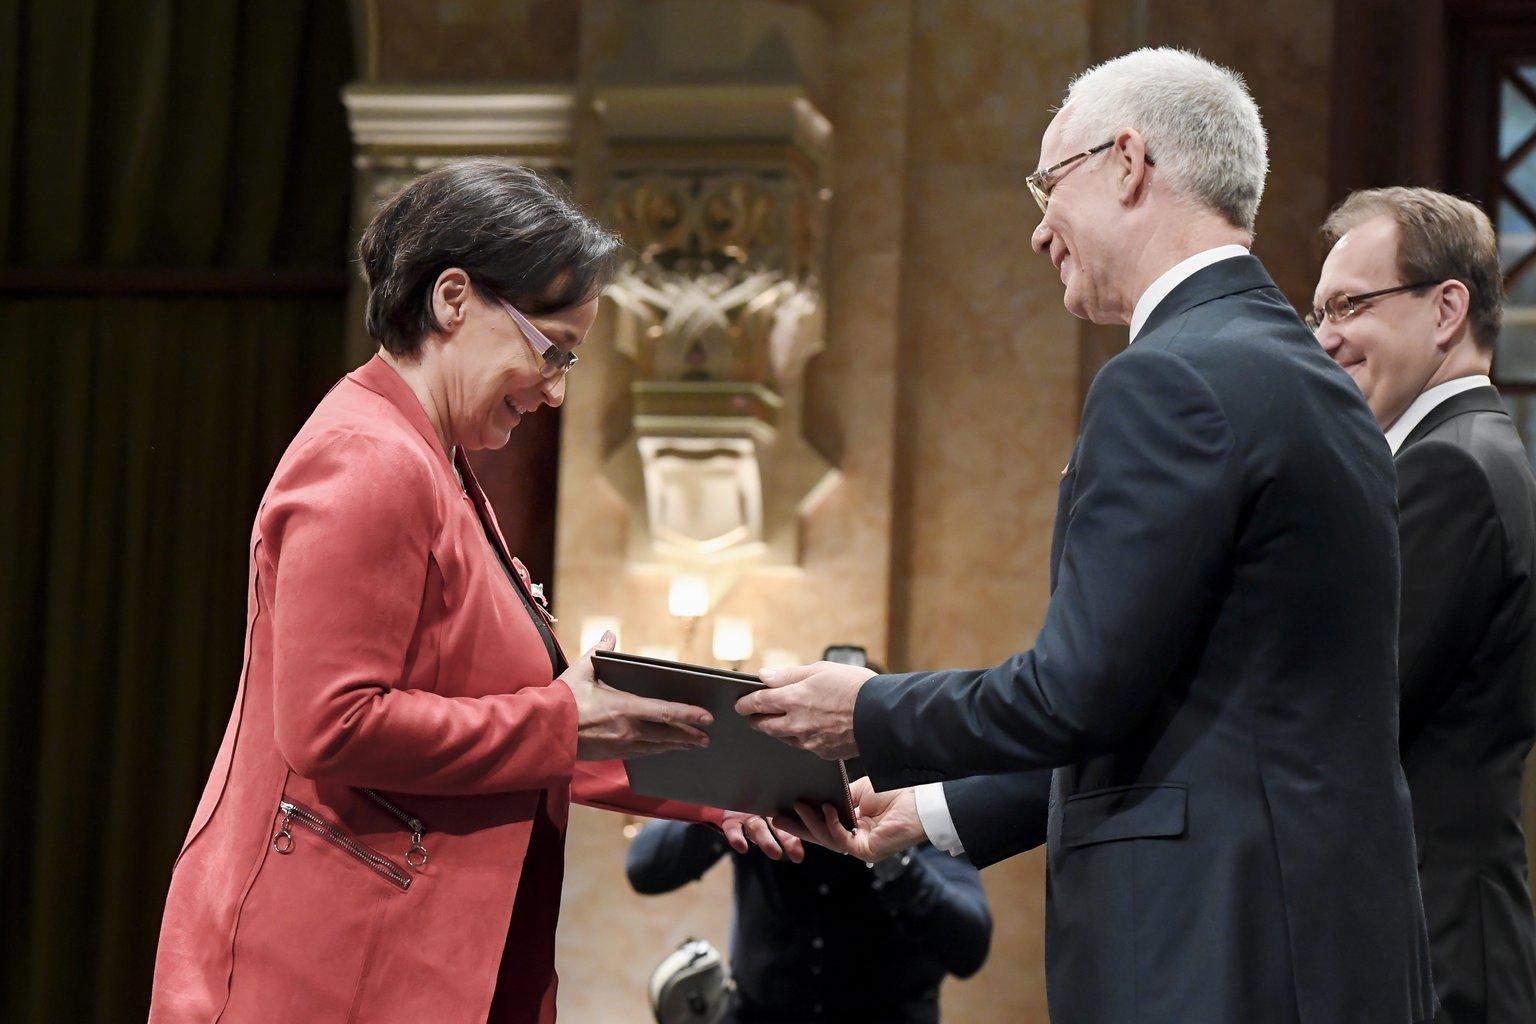 Ráckevei Anna színésznő átveszi a Magyarország Kiváló Művésze díjat (MTI-fotó: Koszticsák Szilárd)